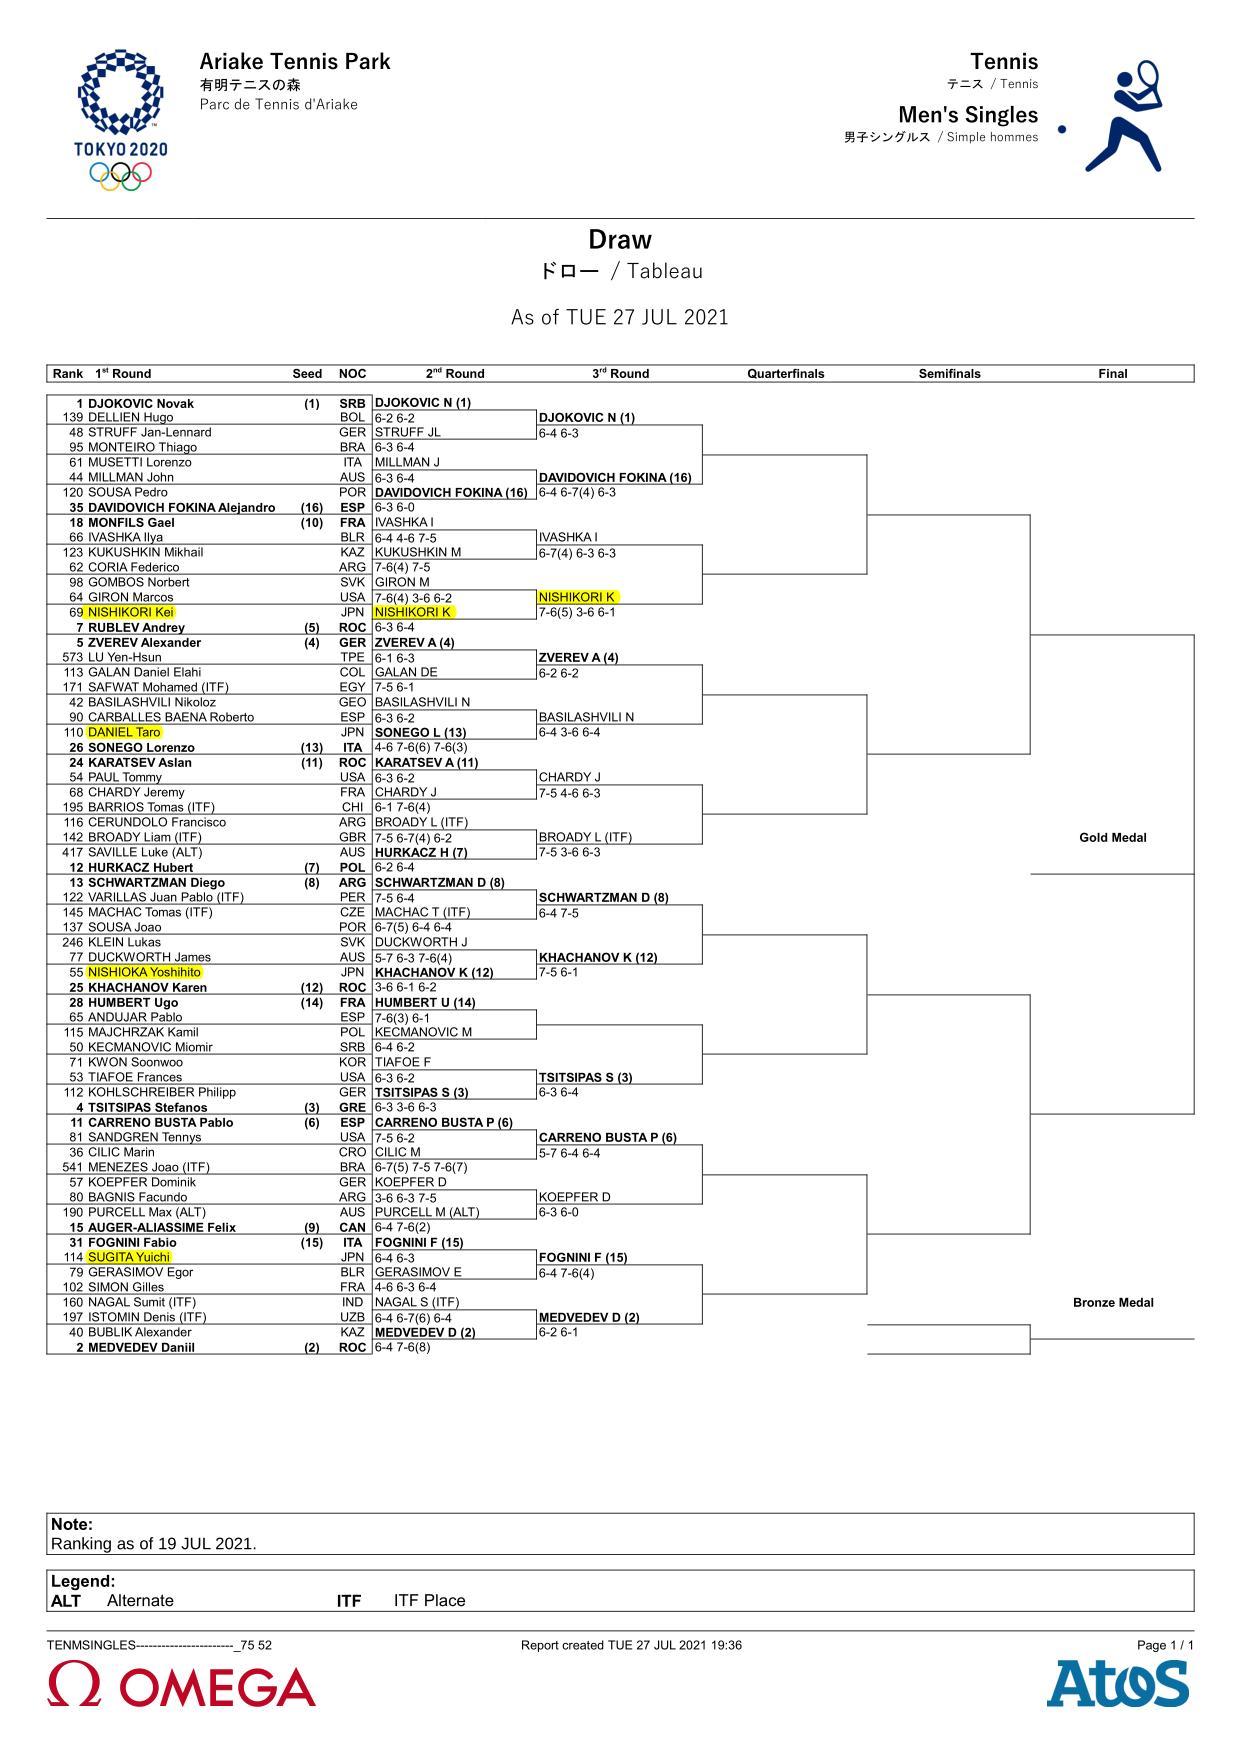 東京五輪テニス男子シングルスドロー